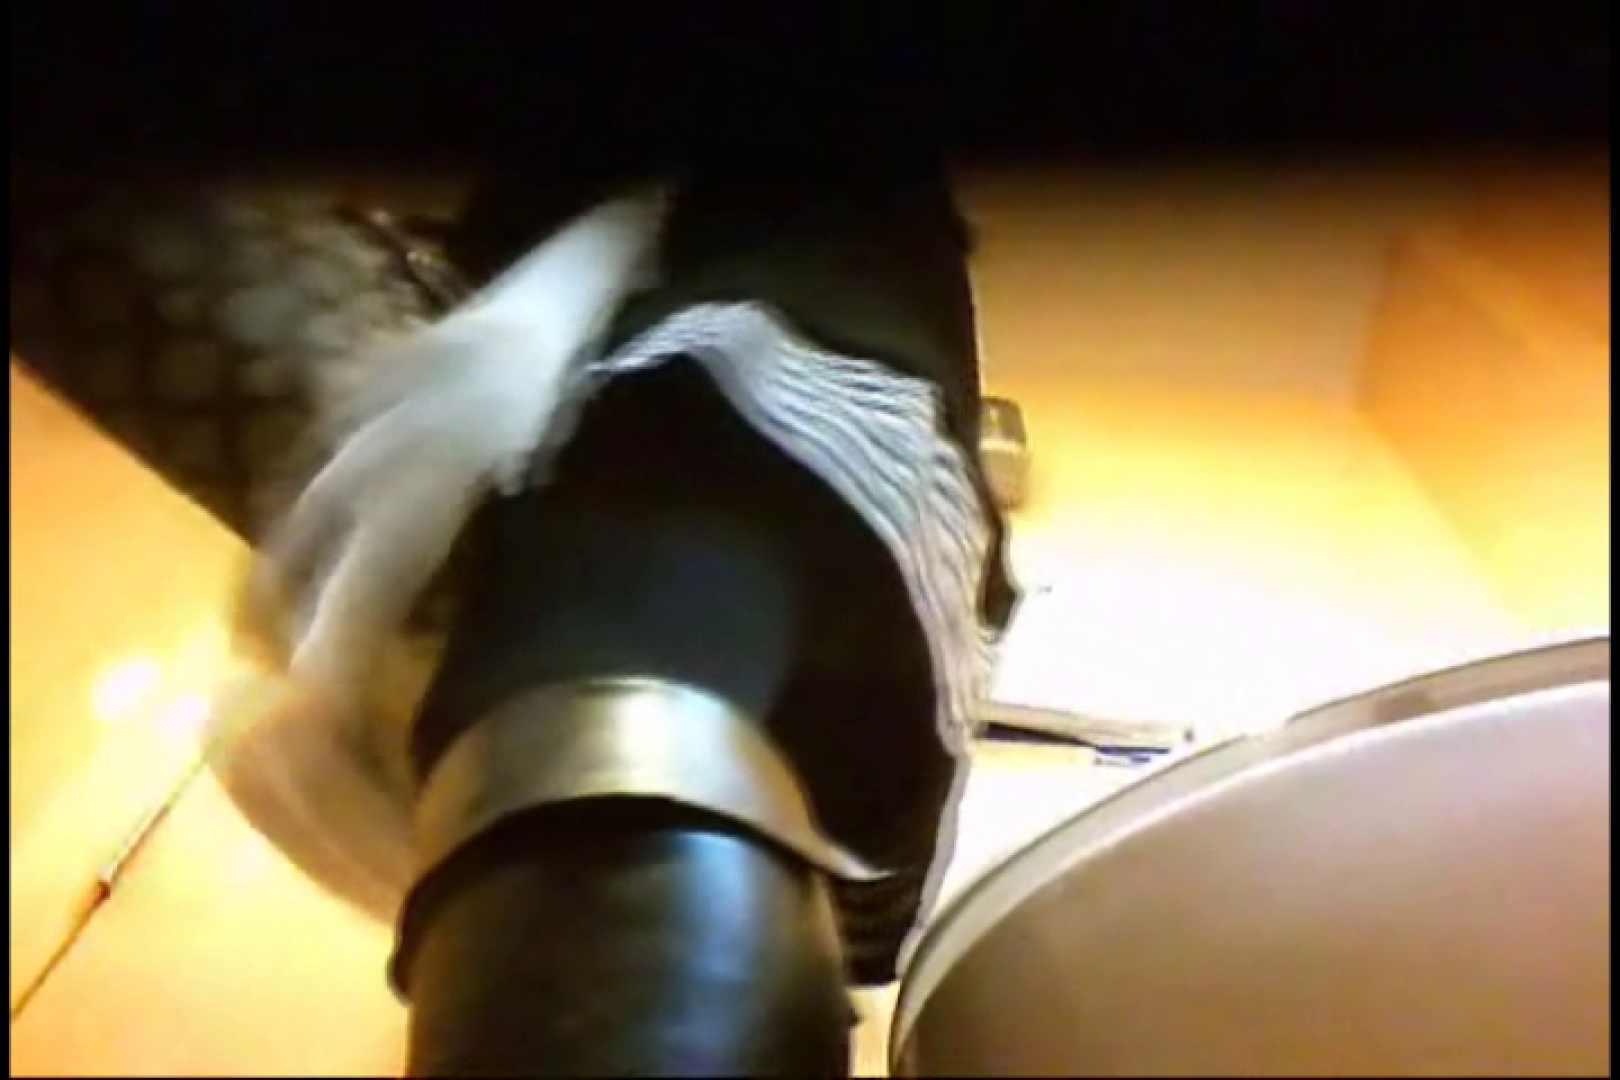 実録!魂の女子化粧室盗撮!!~隠れ潜む特殊カメラ~vo,05 熟女のエロ動画 われめAV動画紹介 79PIX 35